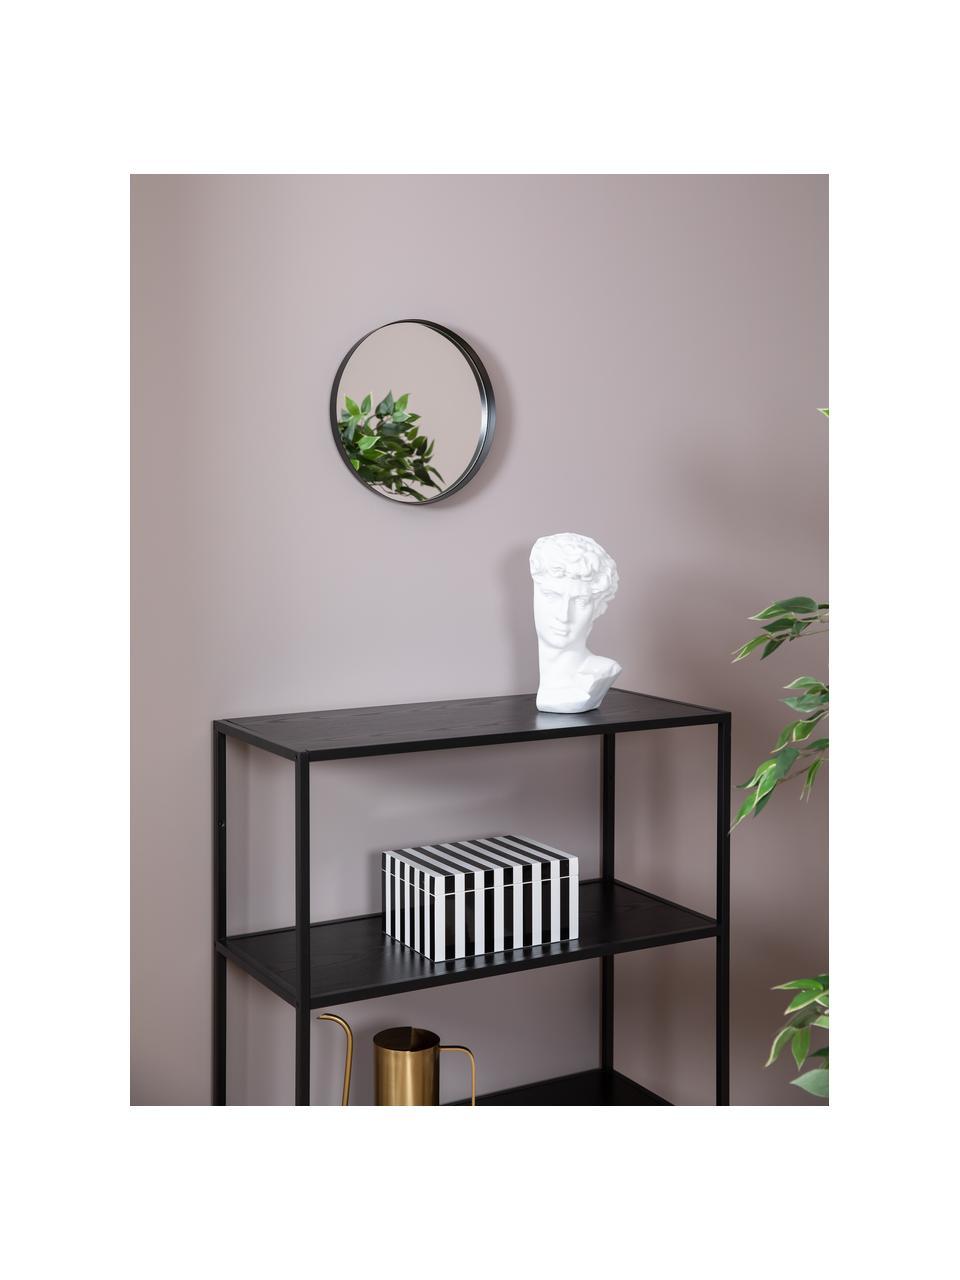 Specchio da parete rotondo con cornice nera Metal, Cornice: metallo verniciato, Superficie dello specchio: lastra di vetro, Nero, Ø 30 cm x Prof. 3 cm